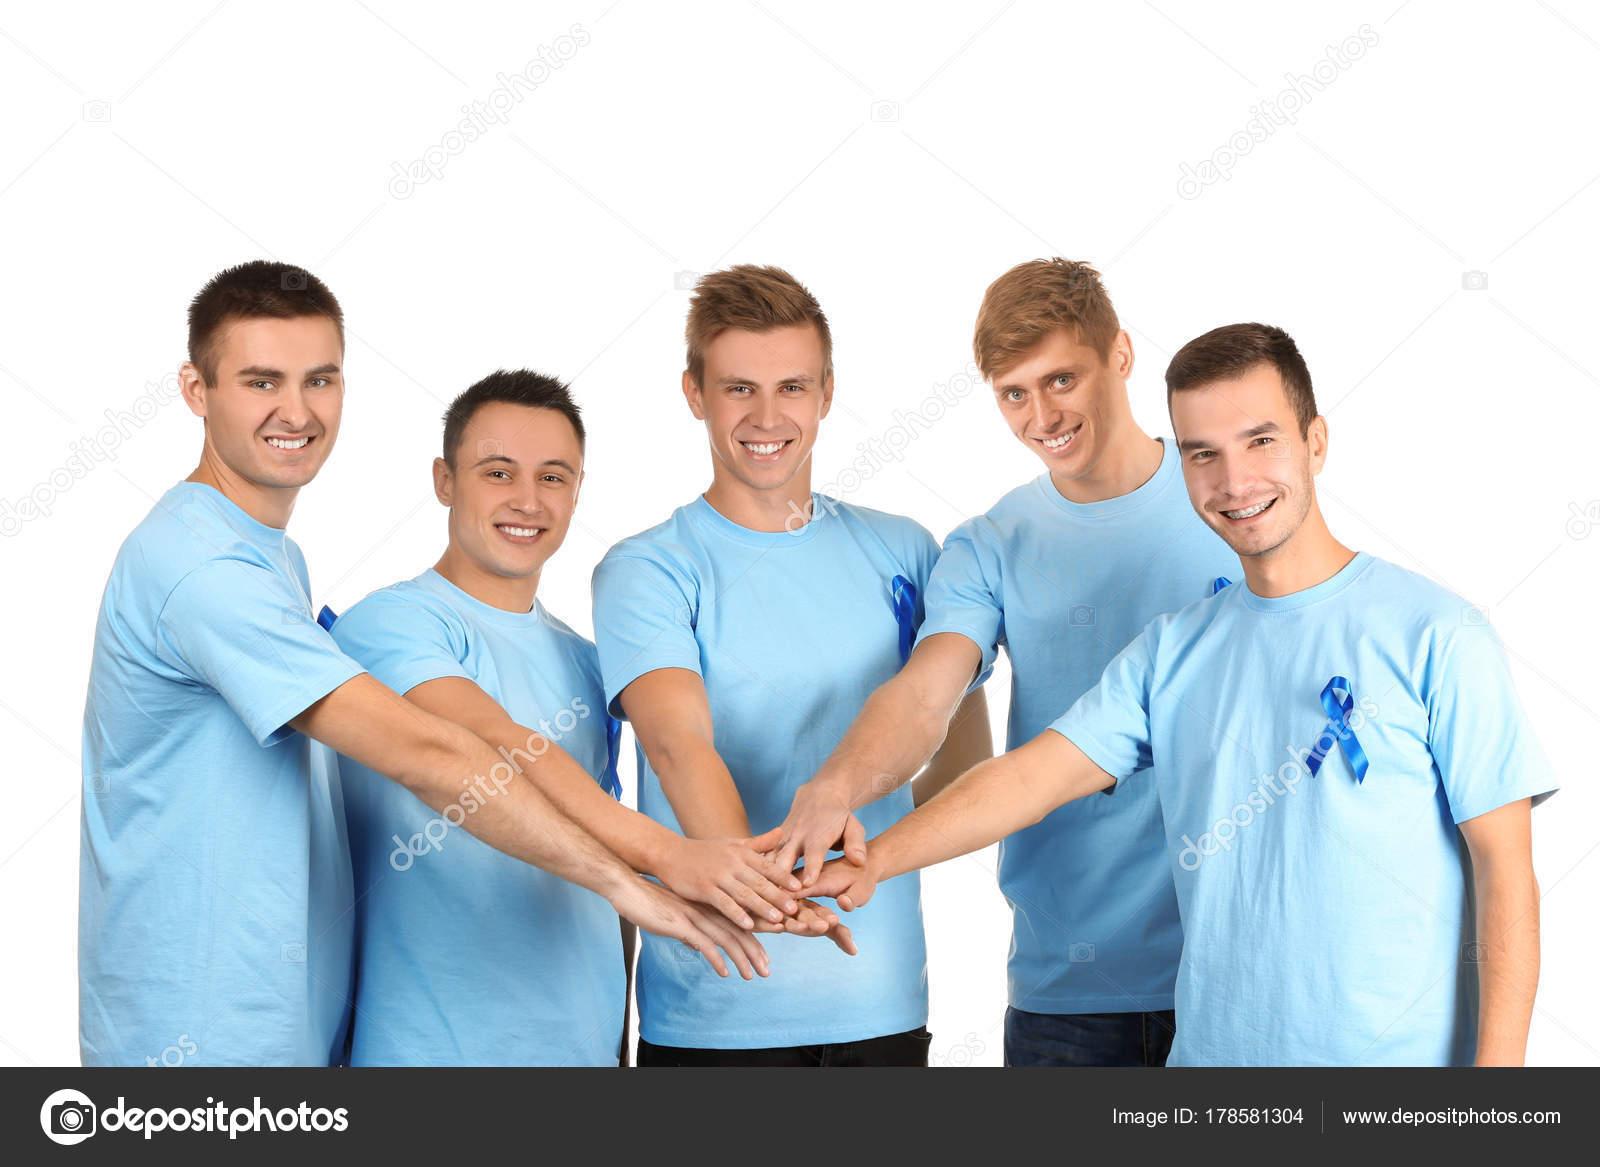 Diferența de prostatită de cancer de prostată